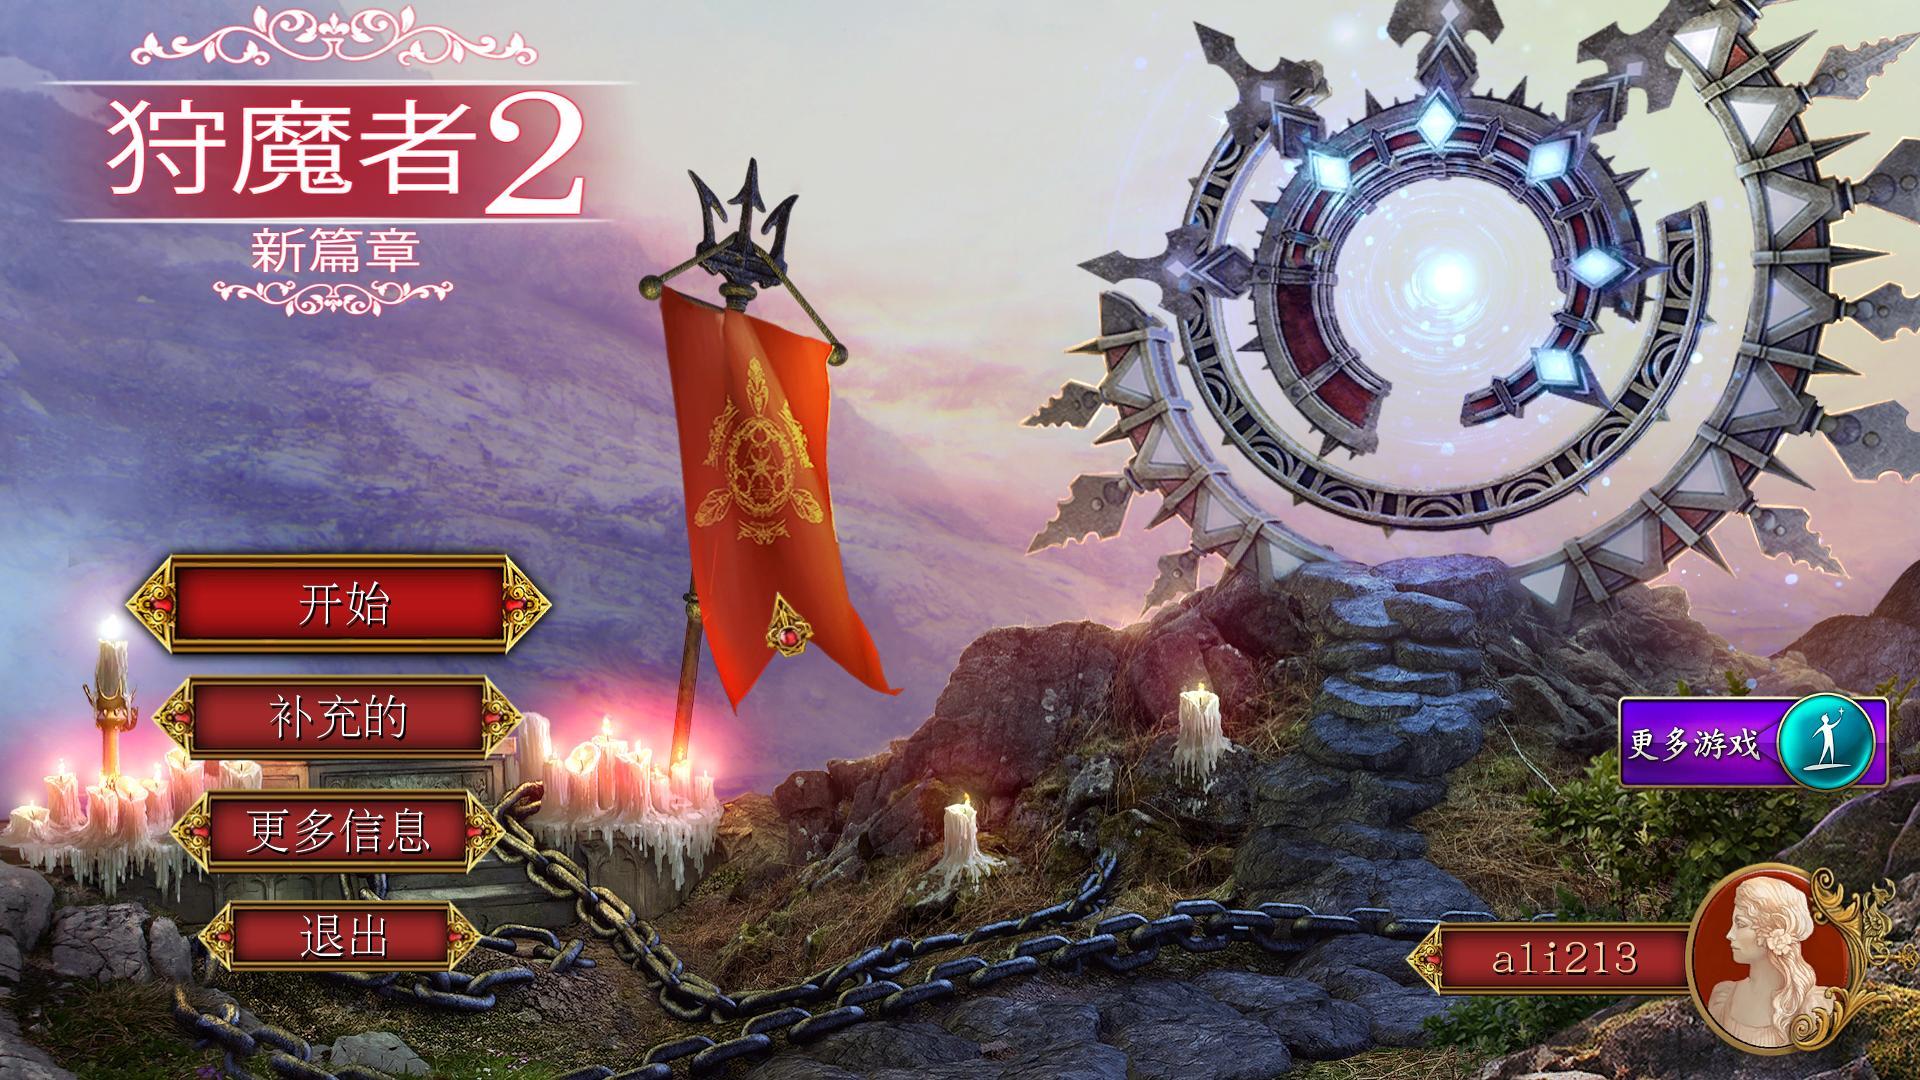 恶魔猎手2:新篇章游戏图片欣赏